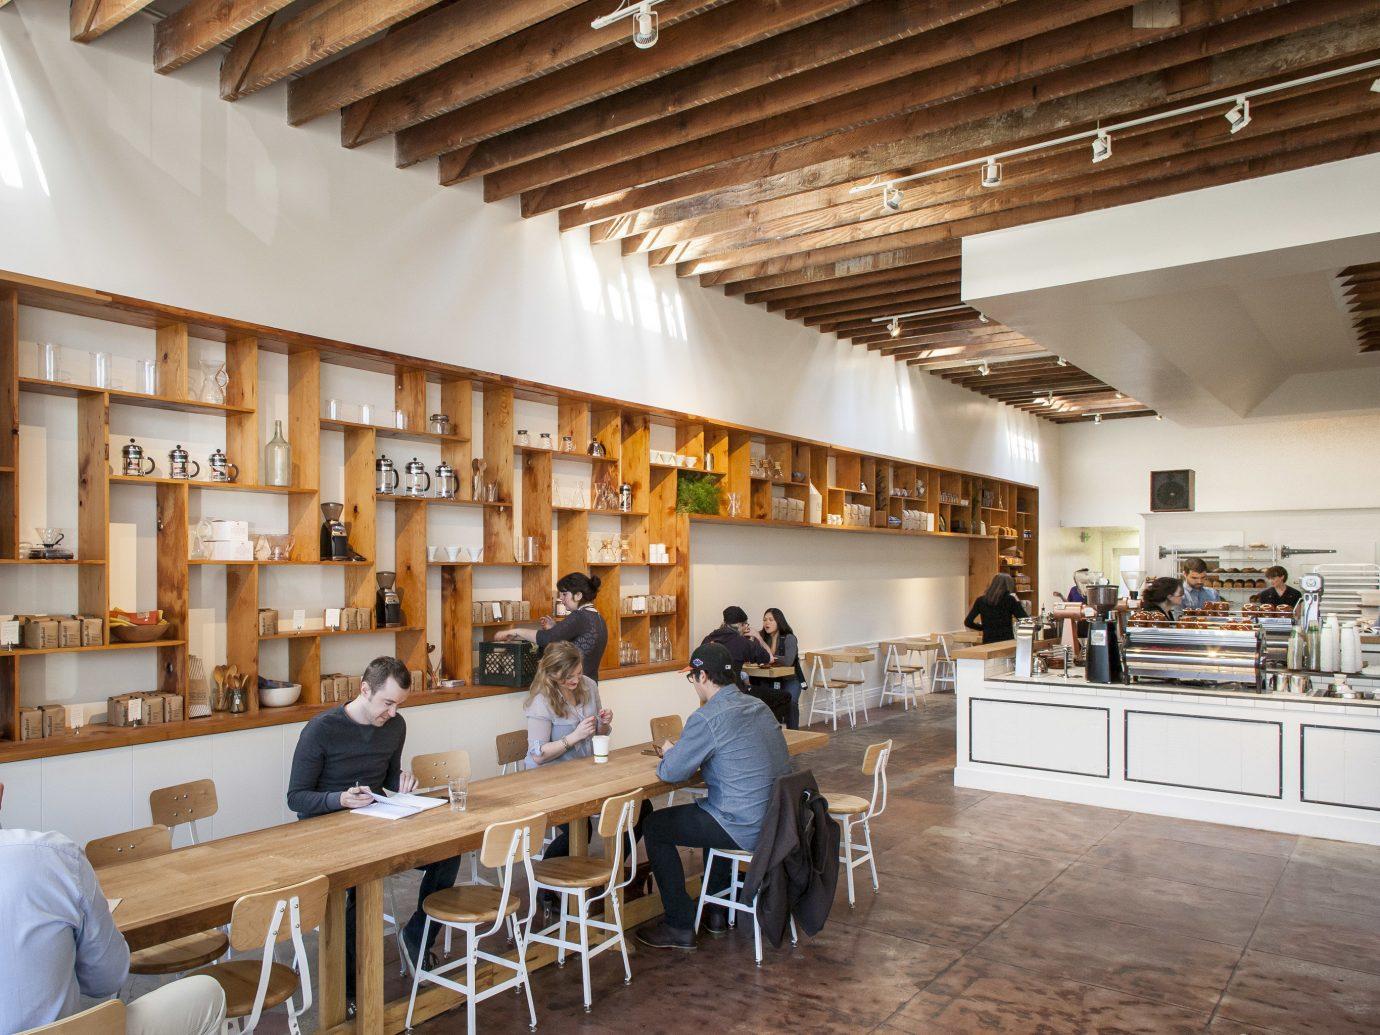 Trip Ideas indoor ceiling floor room interior design estate Design library furniture dining room